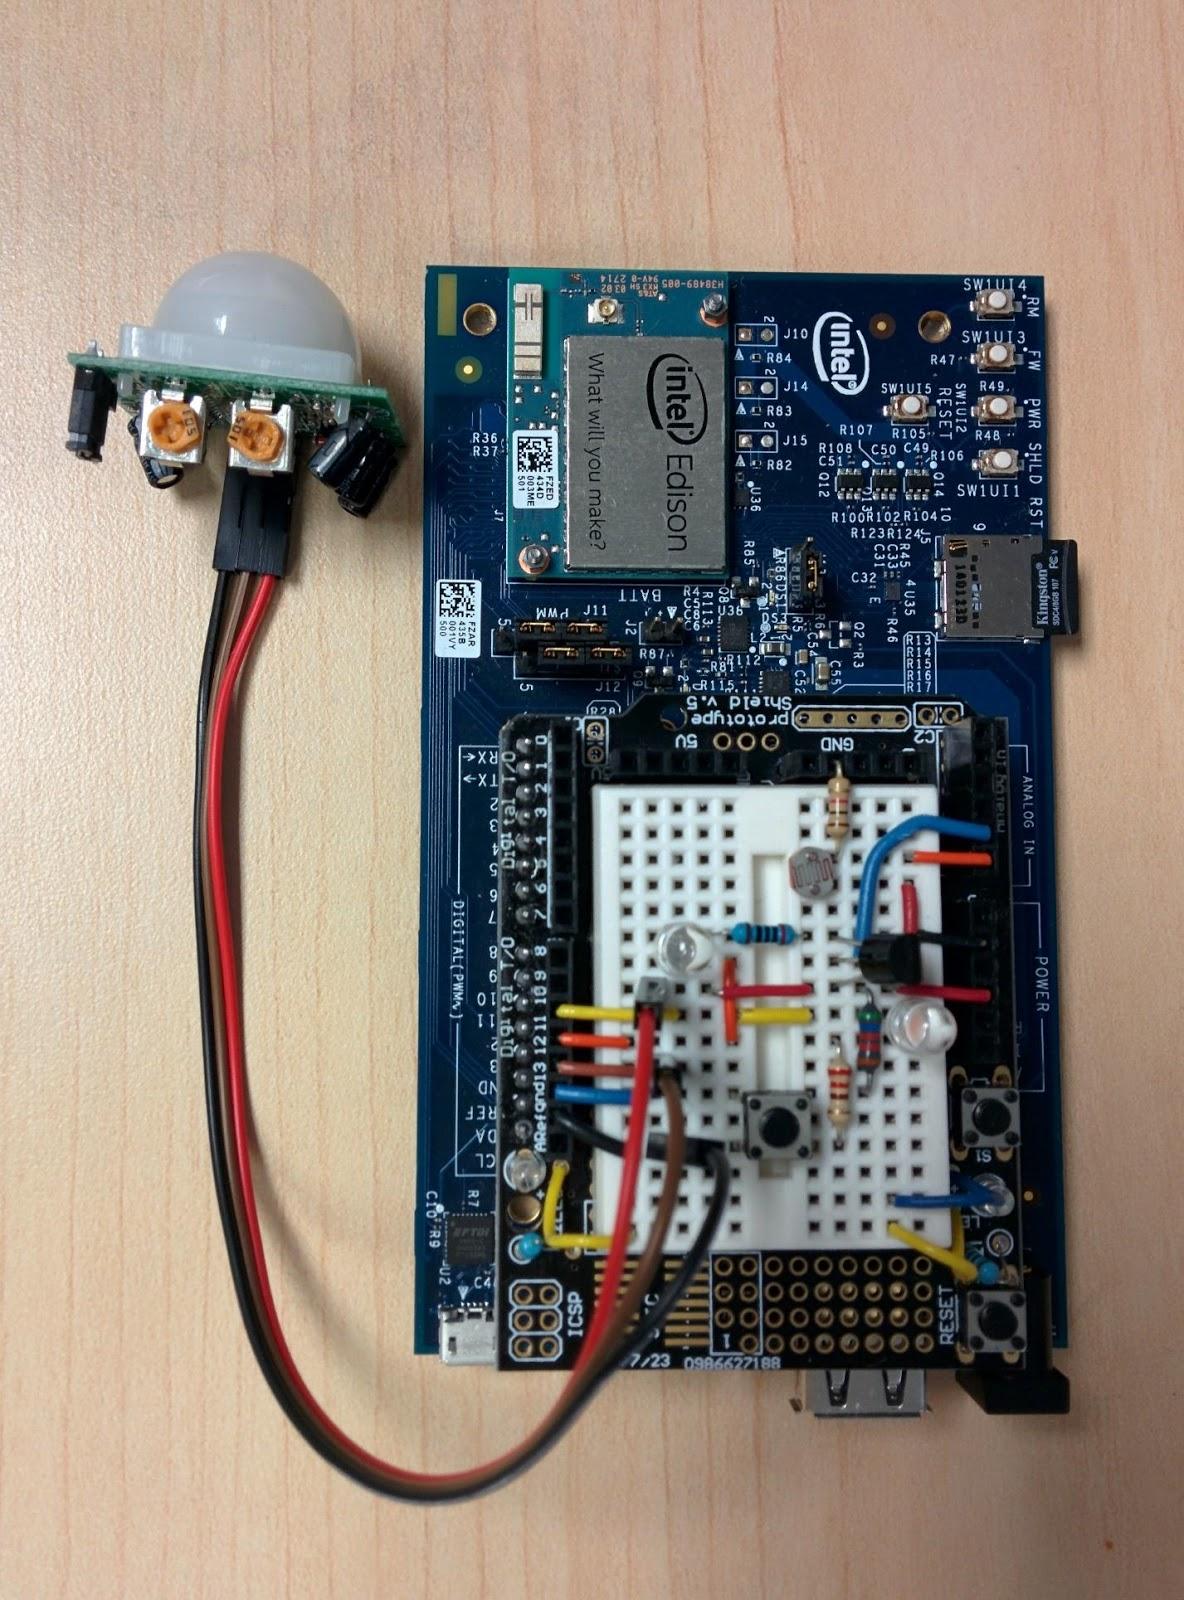 Intel Edison в IoT: безопасное подключение сенсорного узла к интернету с помощью MQTT - 3